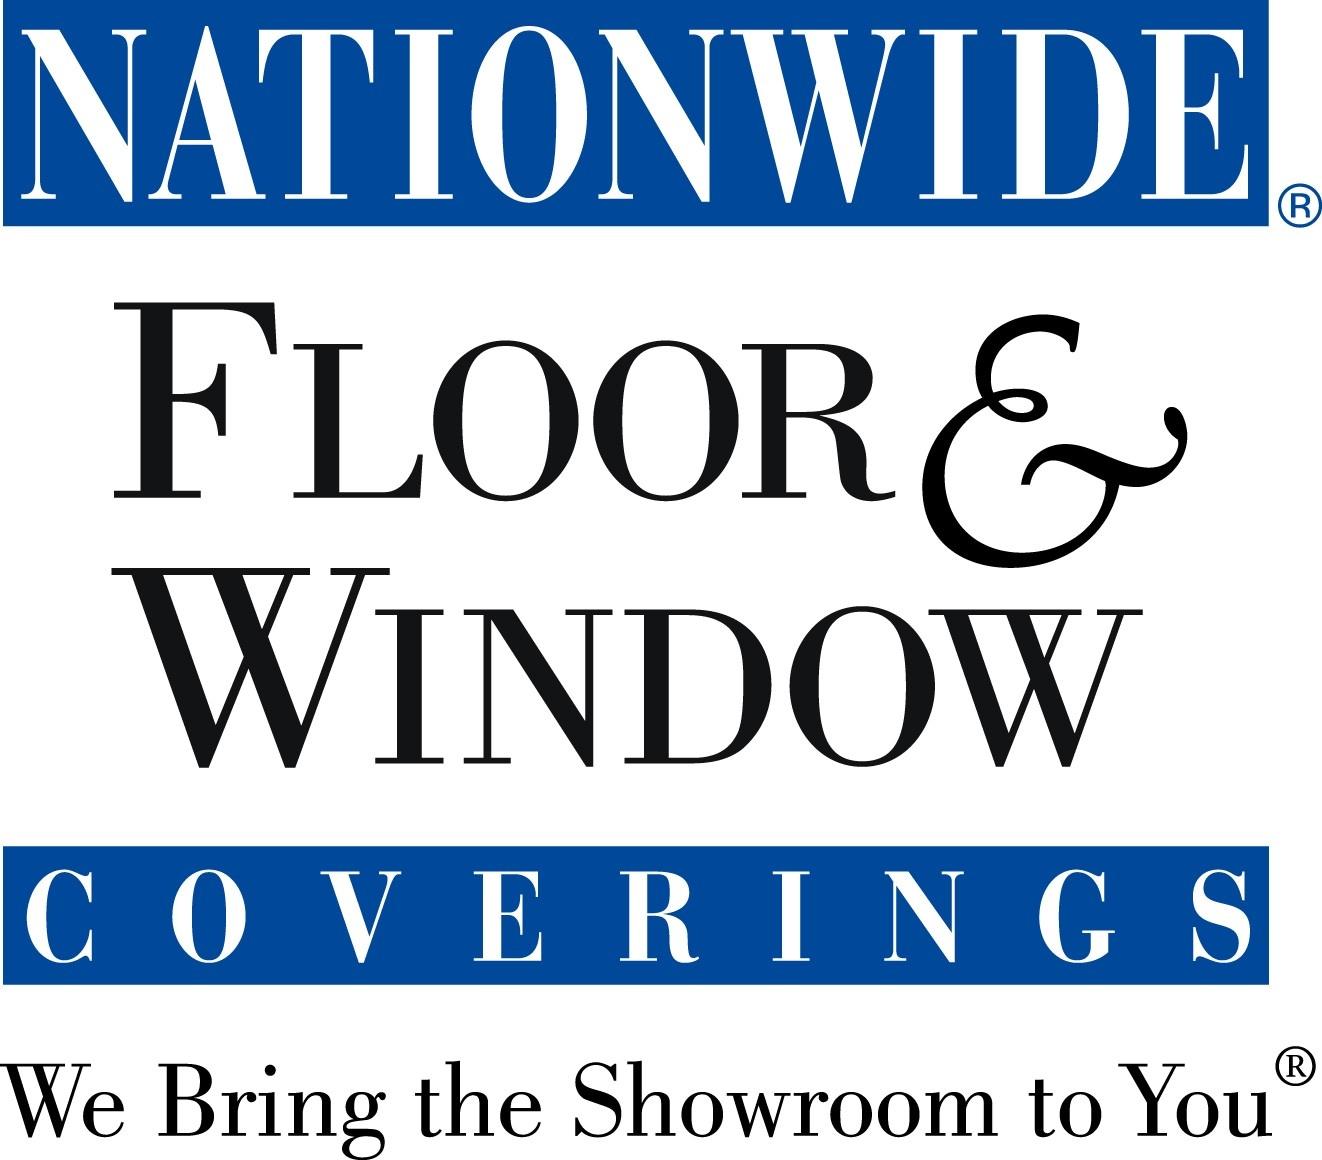 Nationwide Floor & Window Coverings logo